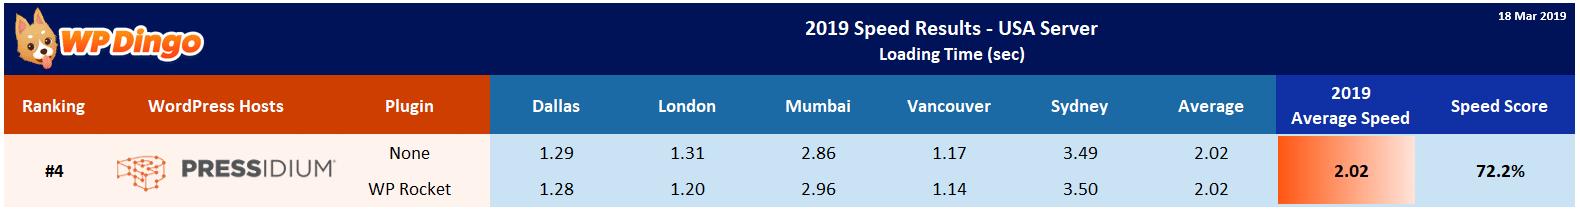 2019 Pressidium Speed Table - USA Server